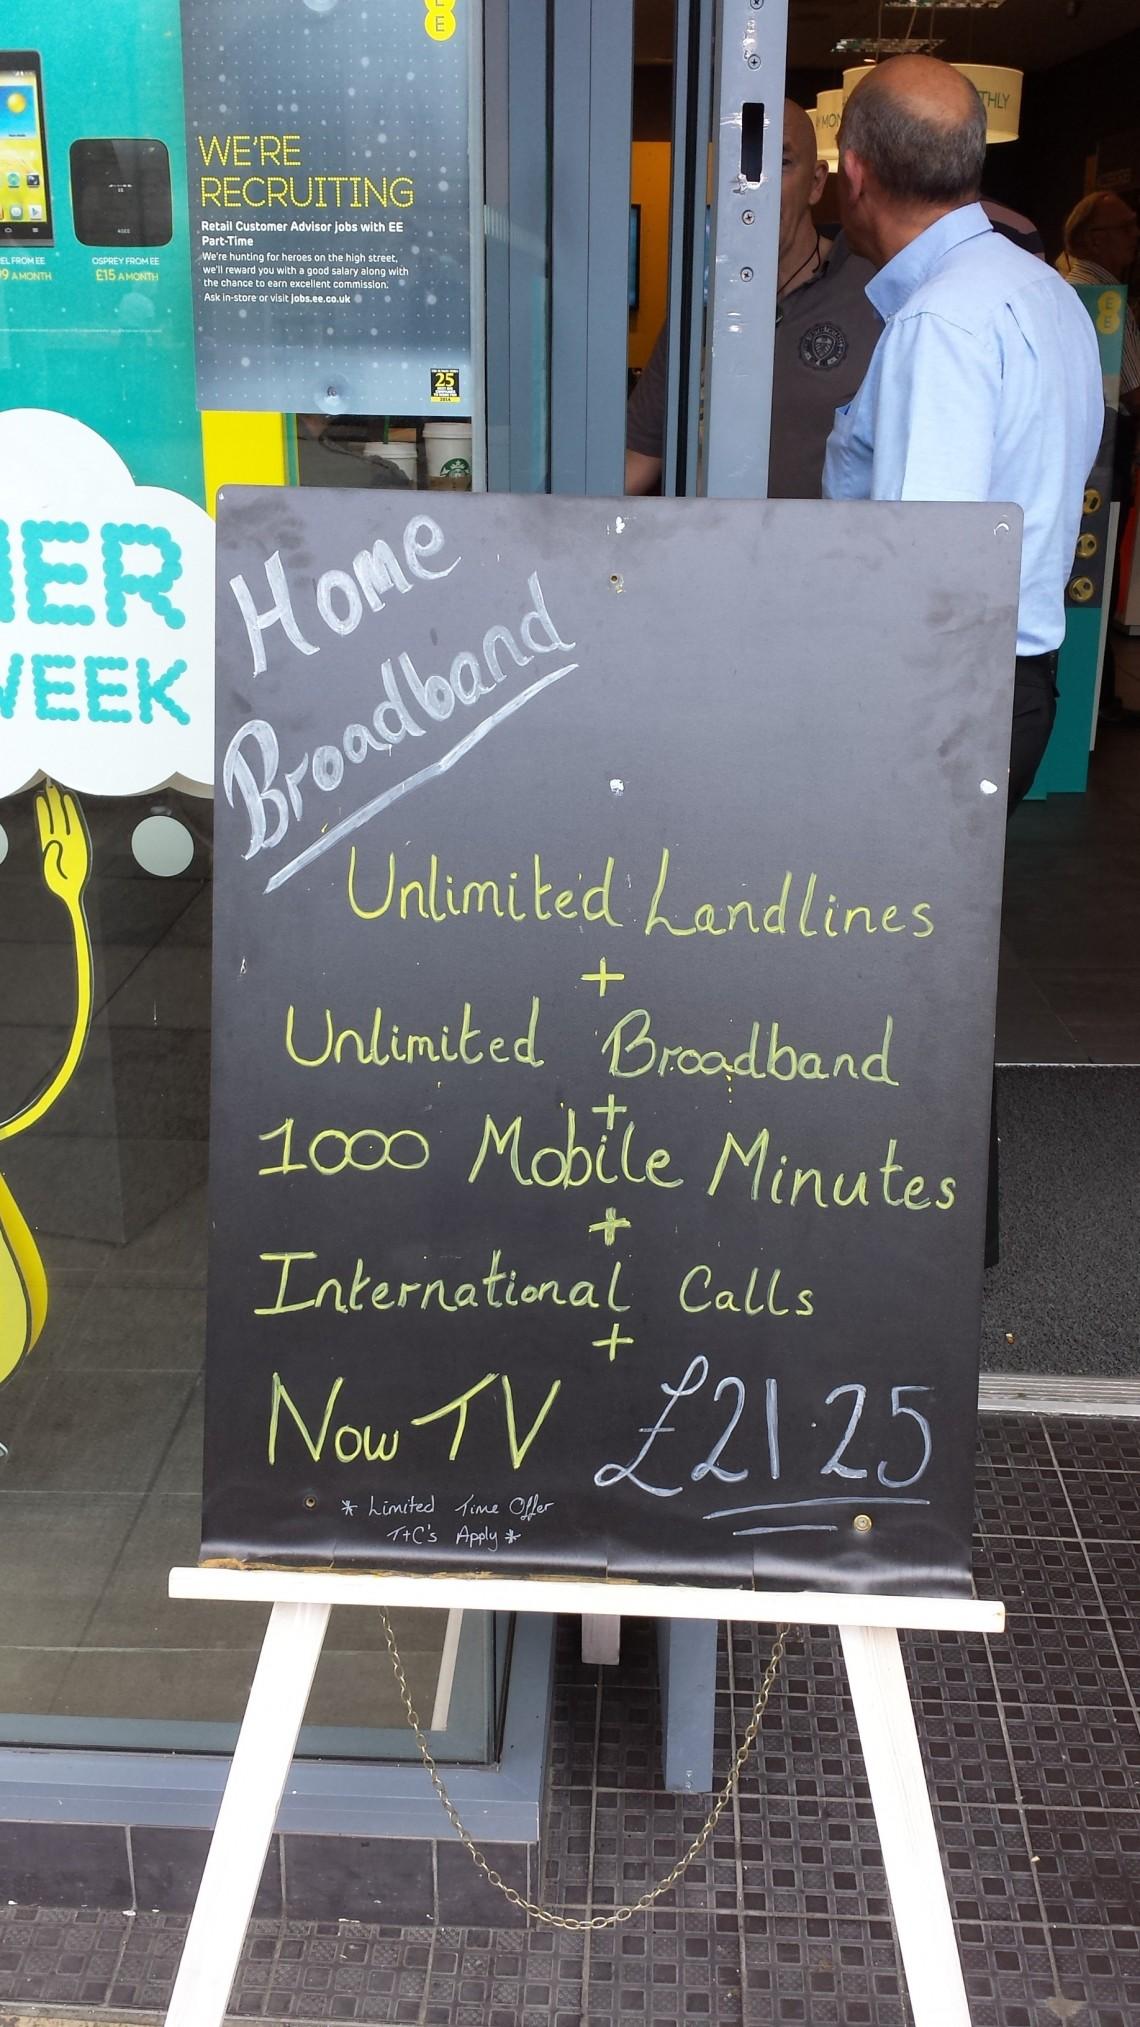 home broadband deals from EE